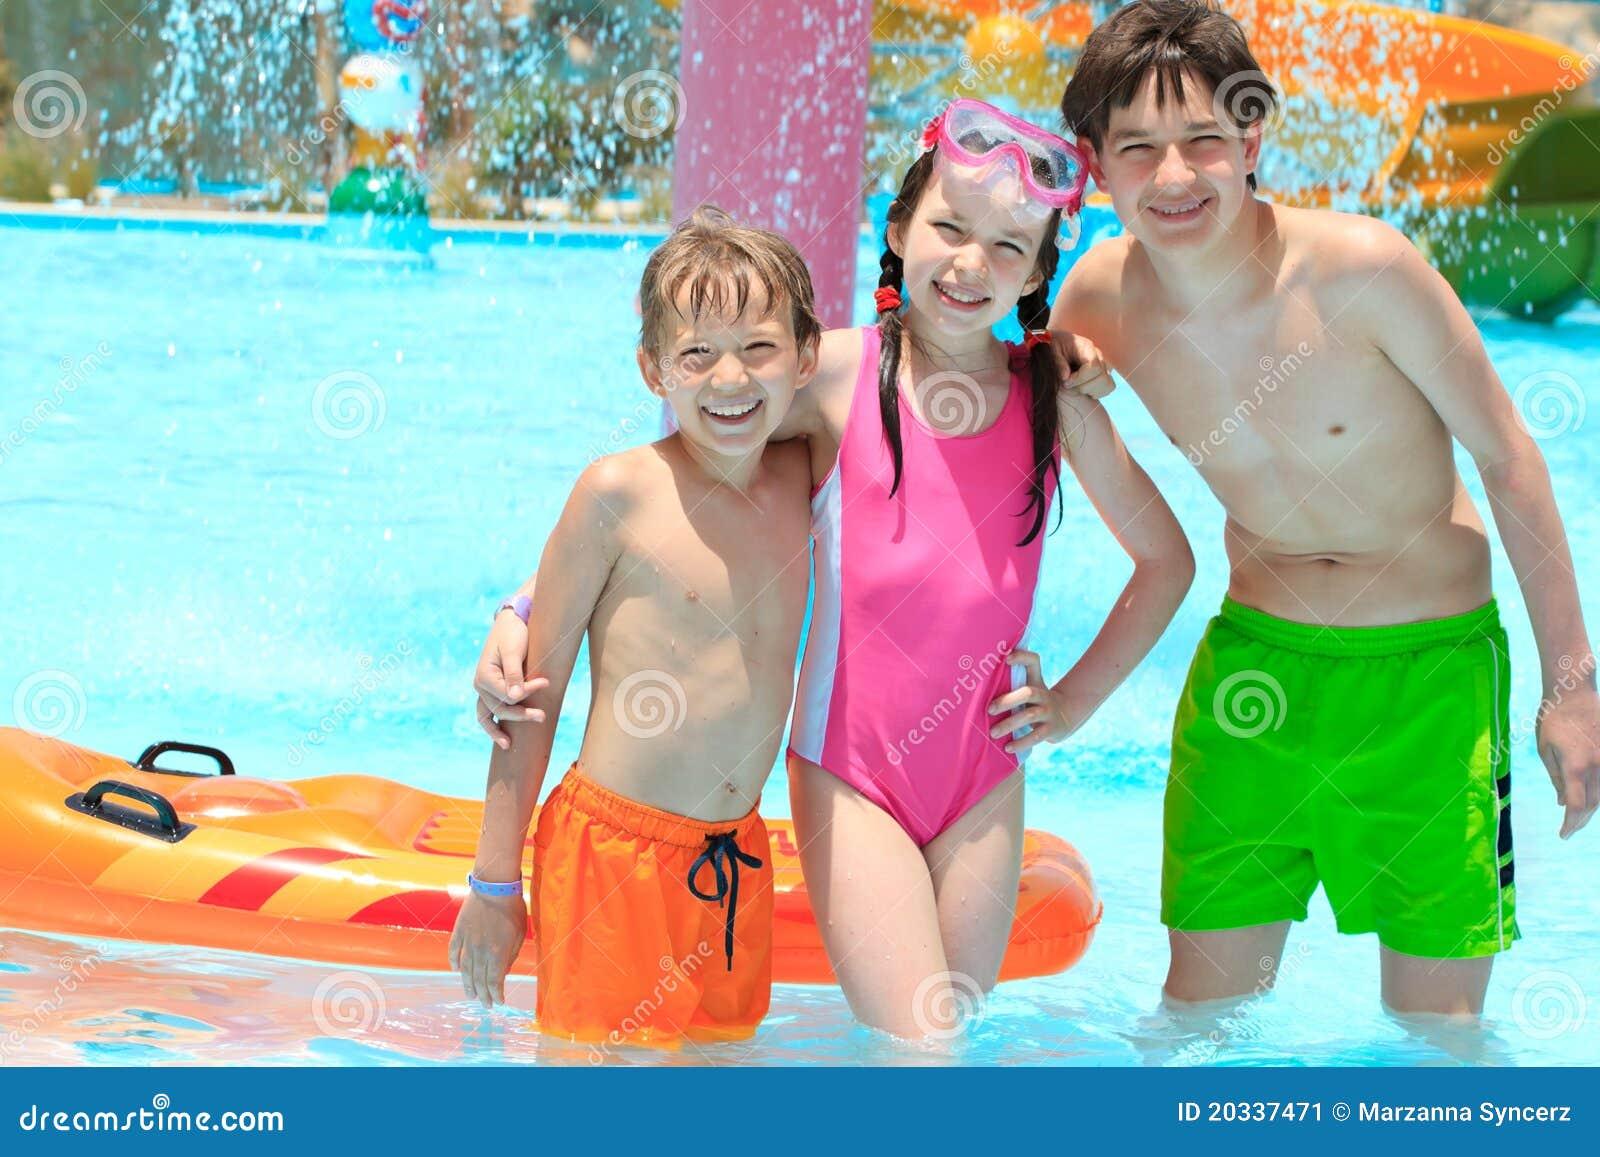 Three males at pool